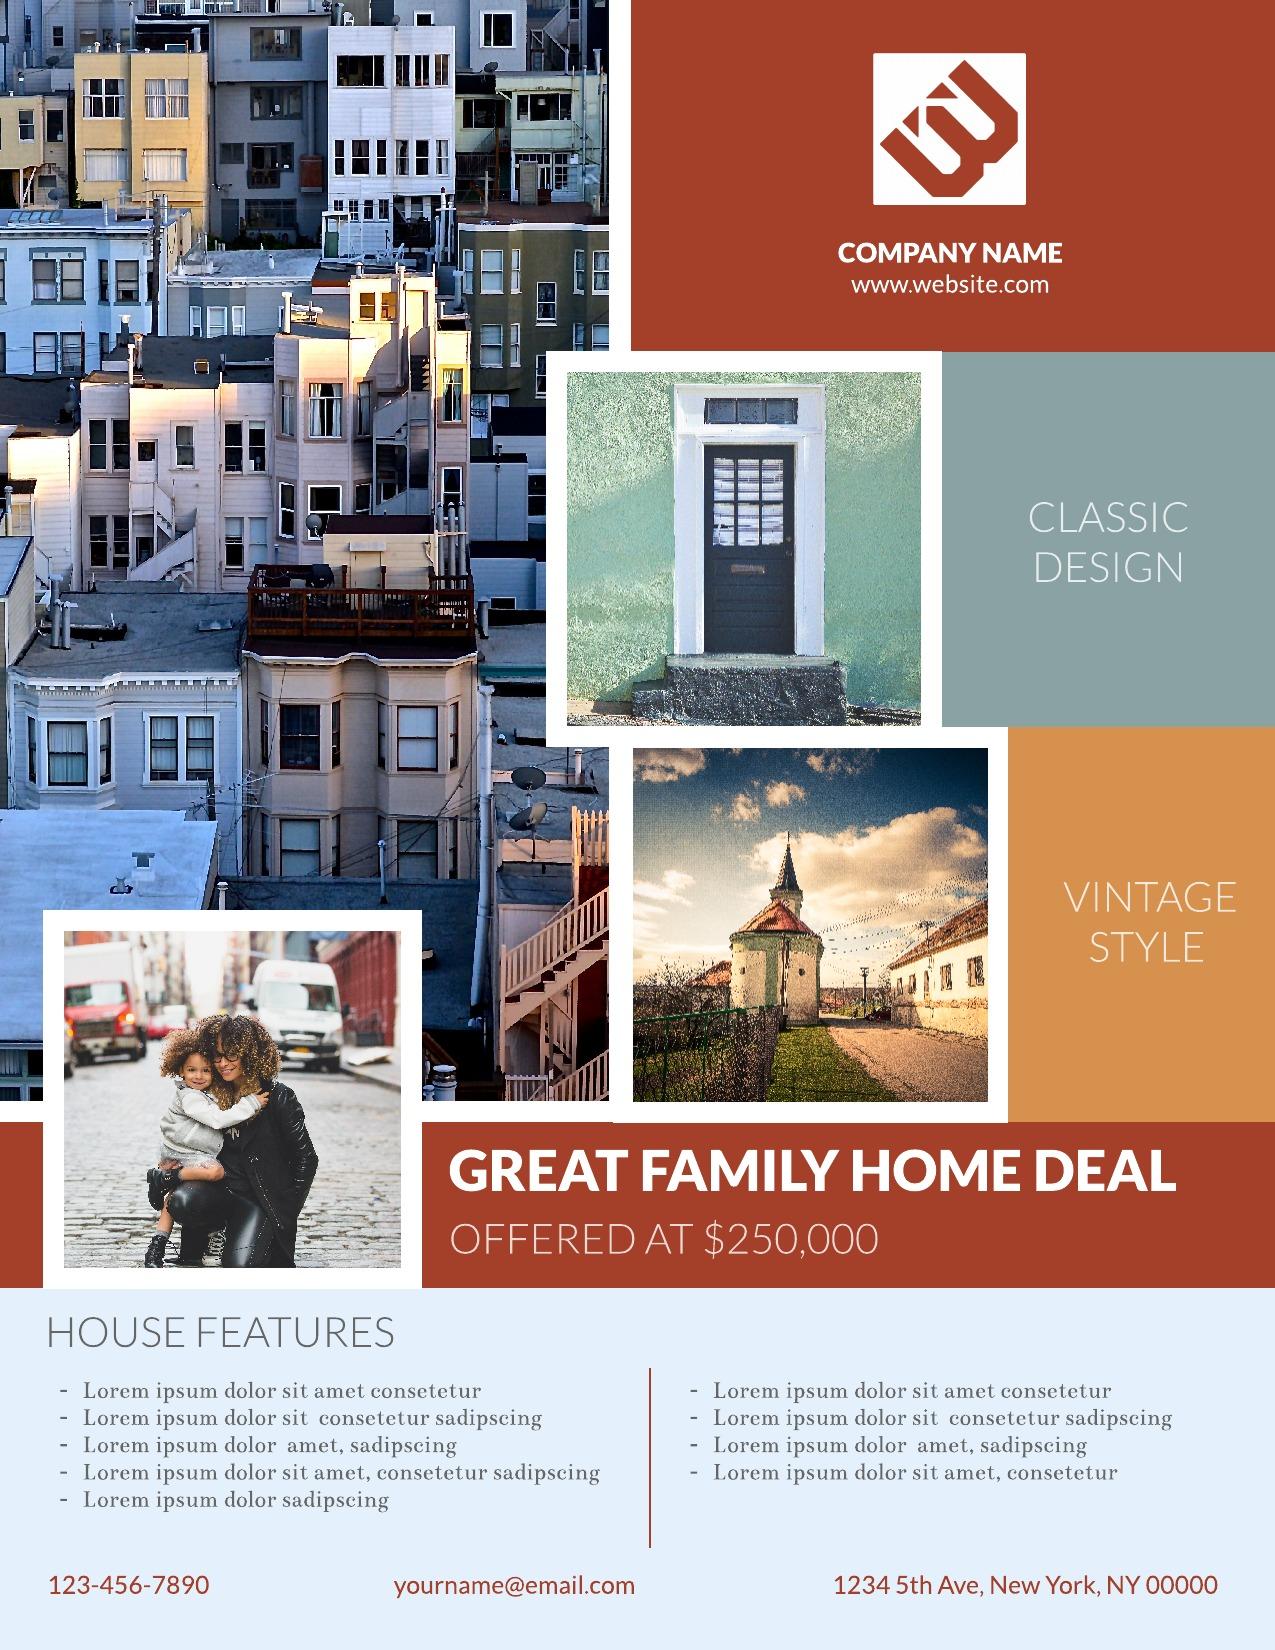 sample real estate flyers sample real estate flyers karina m tk